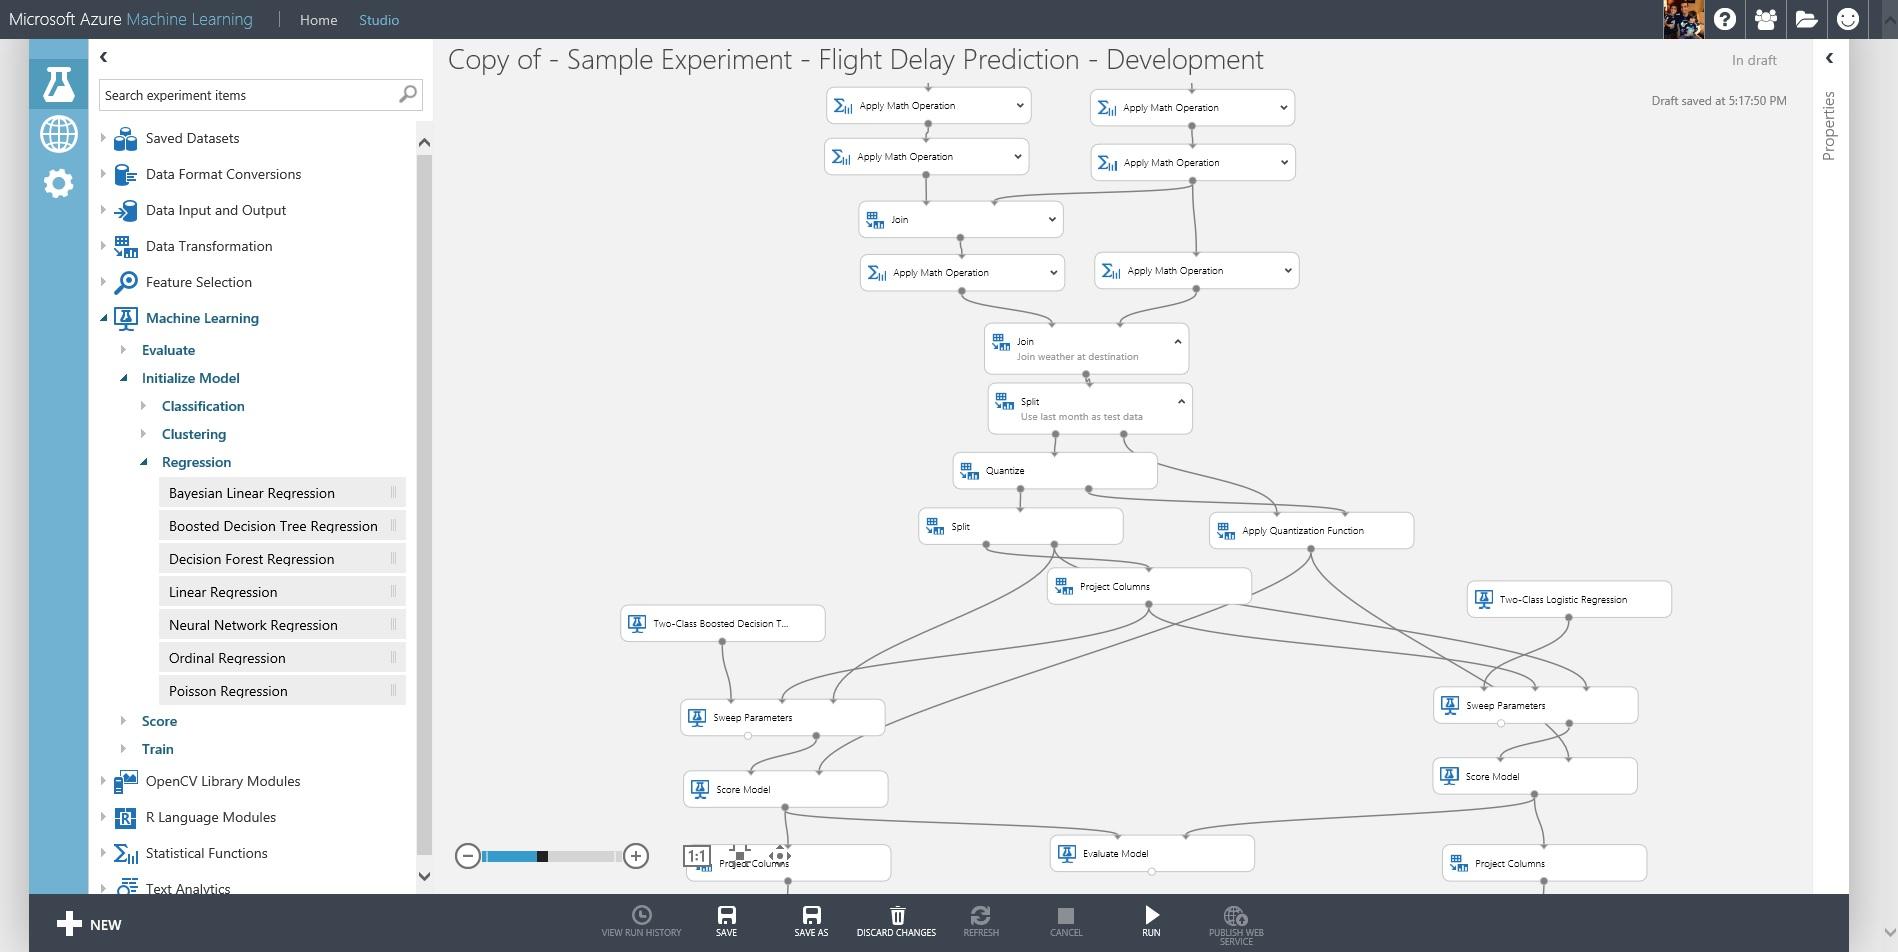 azure machine learning marketplace